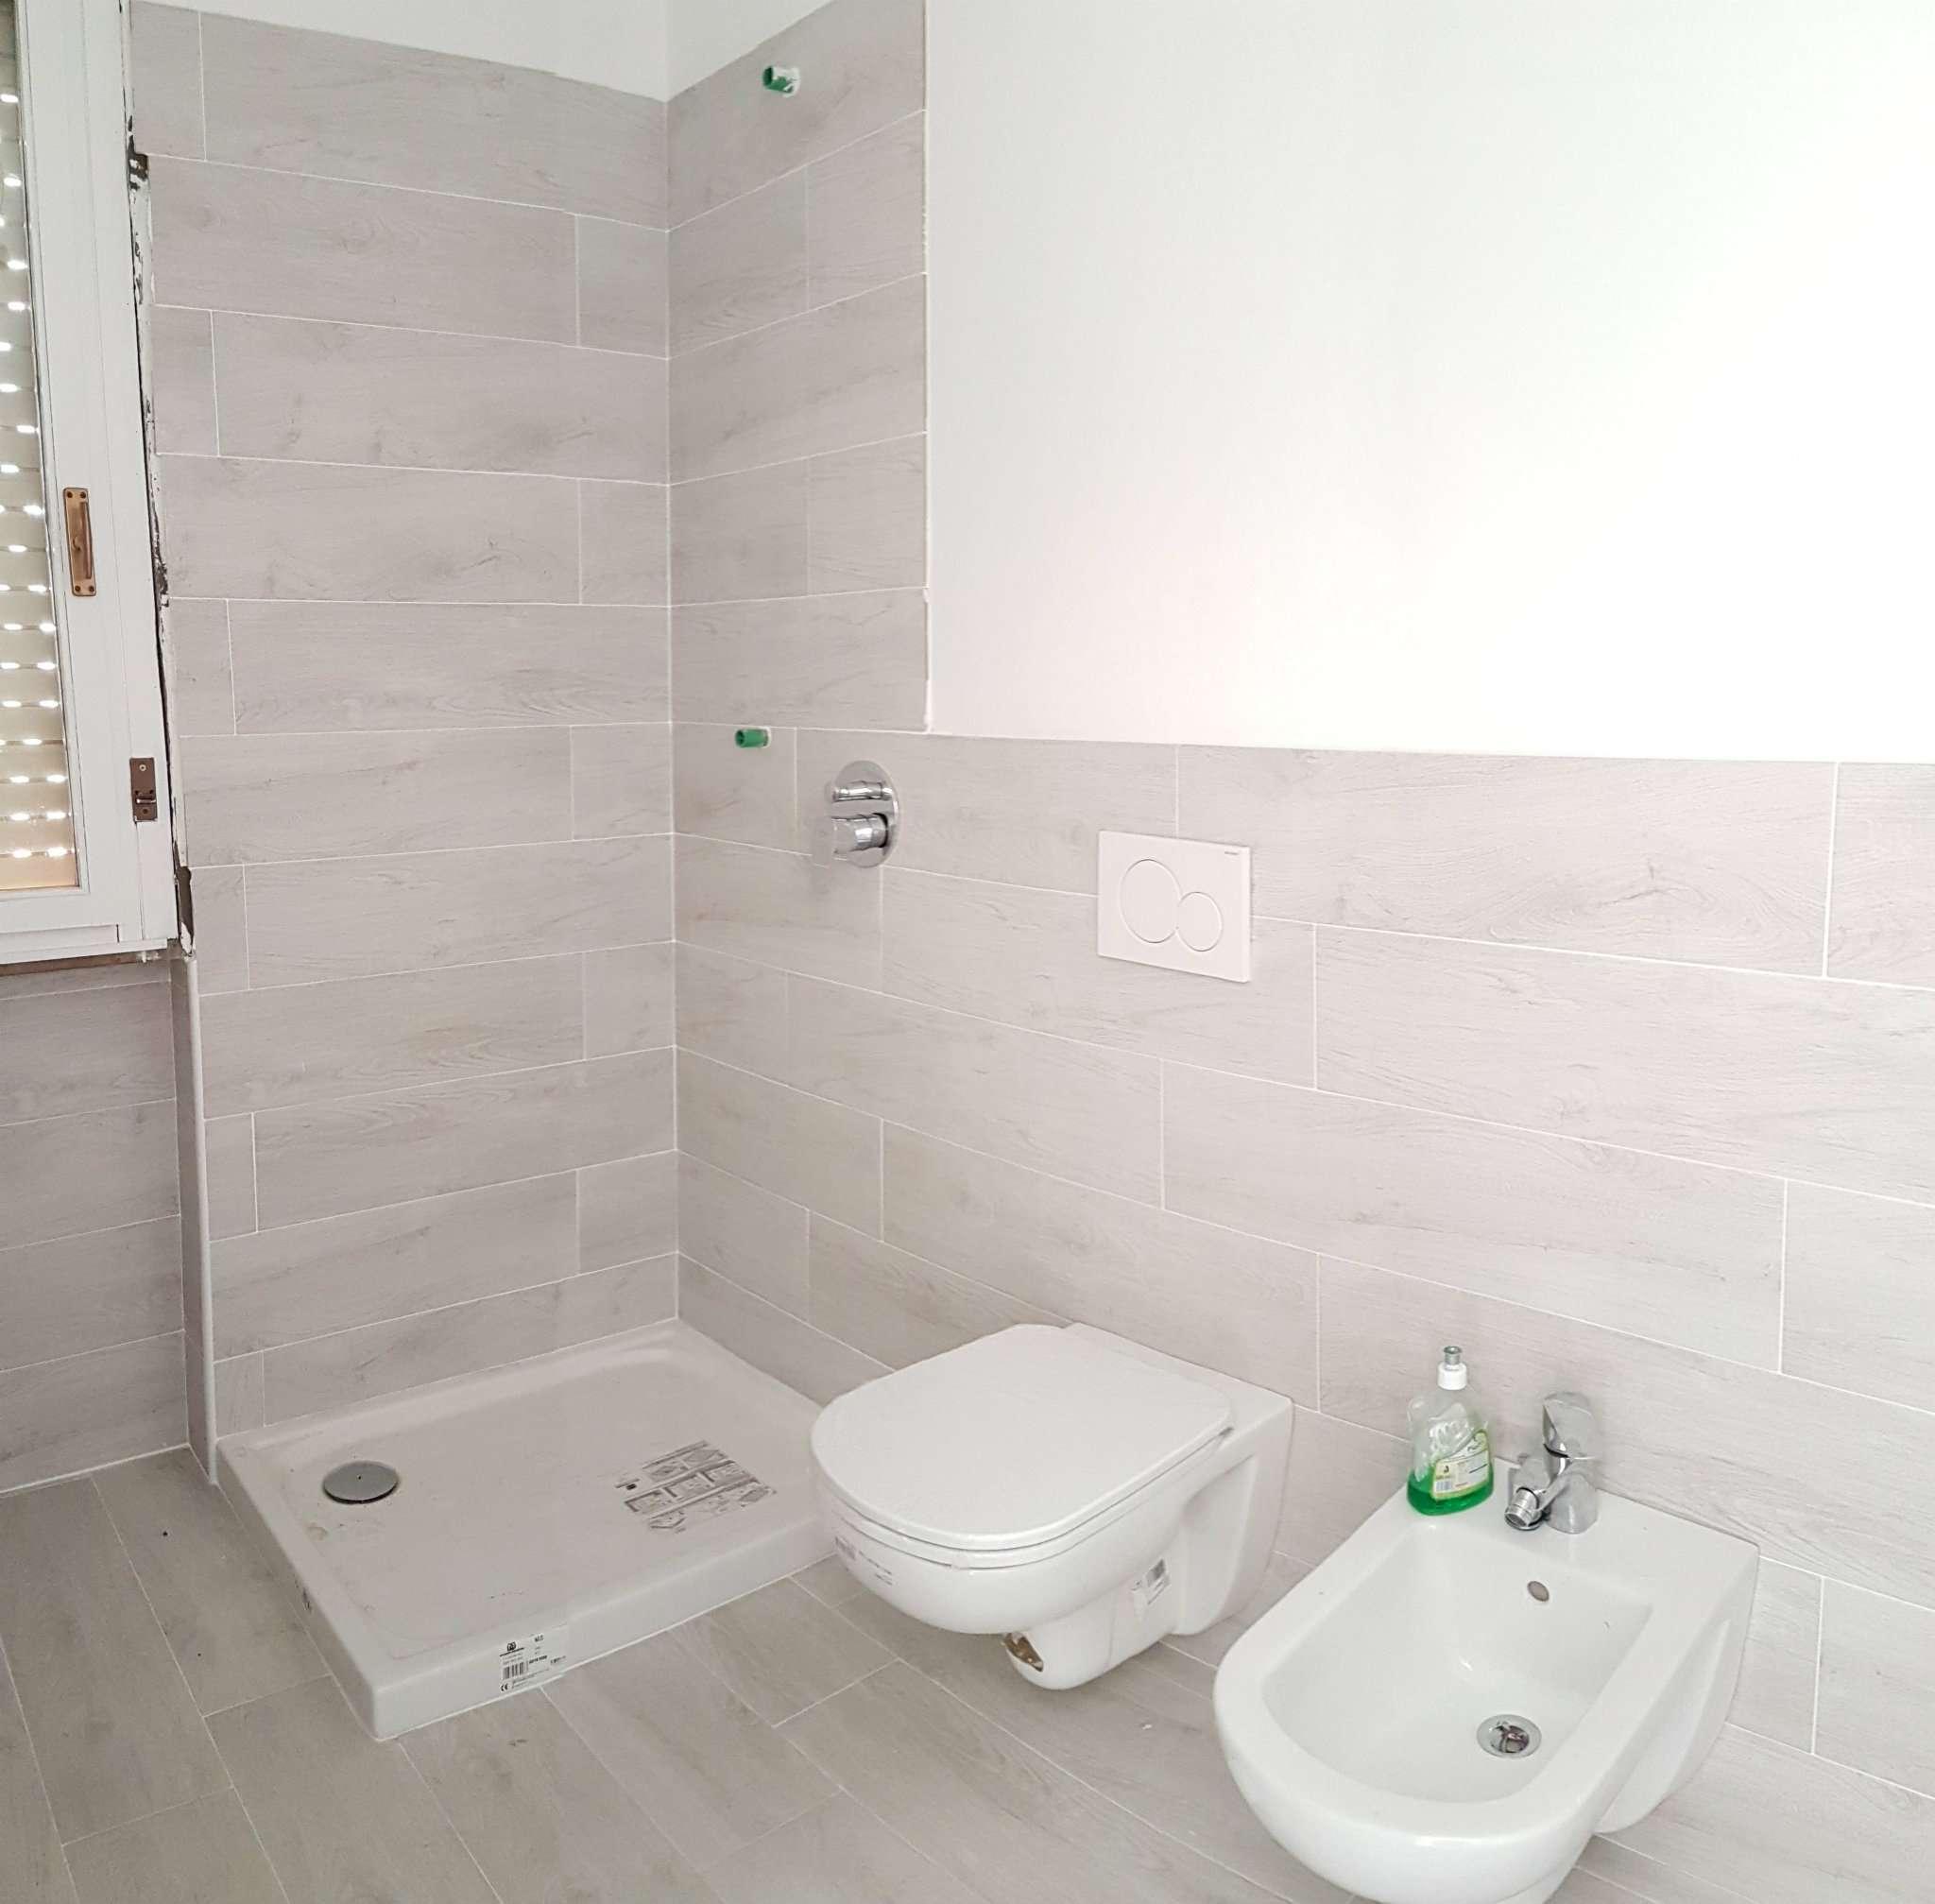 Appartamento in vendita a Mirano, 9999 locali, prezzo € 73.000 | Cambio Casa.it